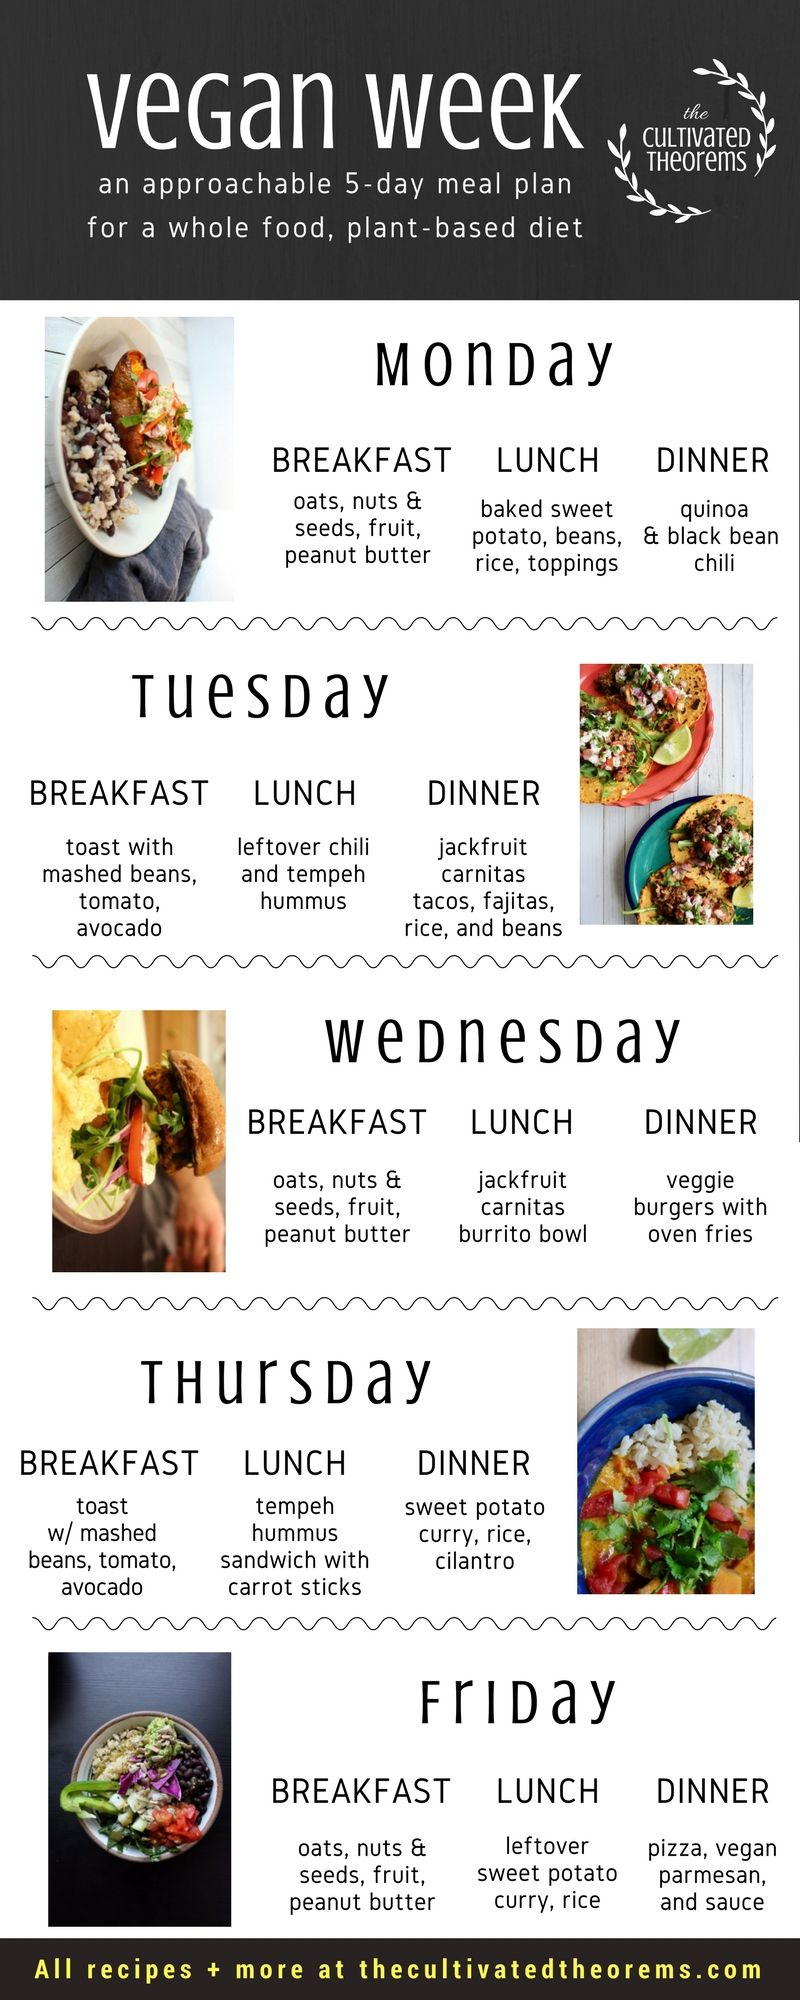 5 Day Easy Vegan Meal Plan For Beginners Easy Vegan Meal Plan Vegan Recipes Easy Vegan Meal Plans